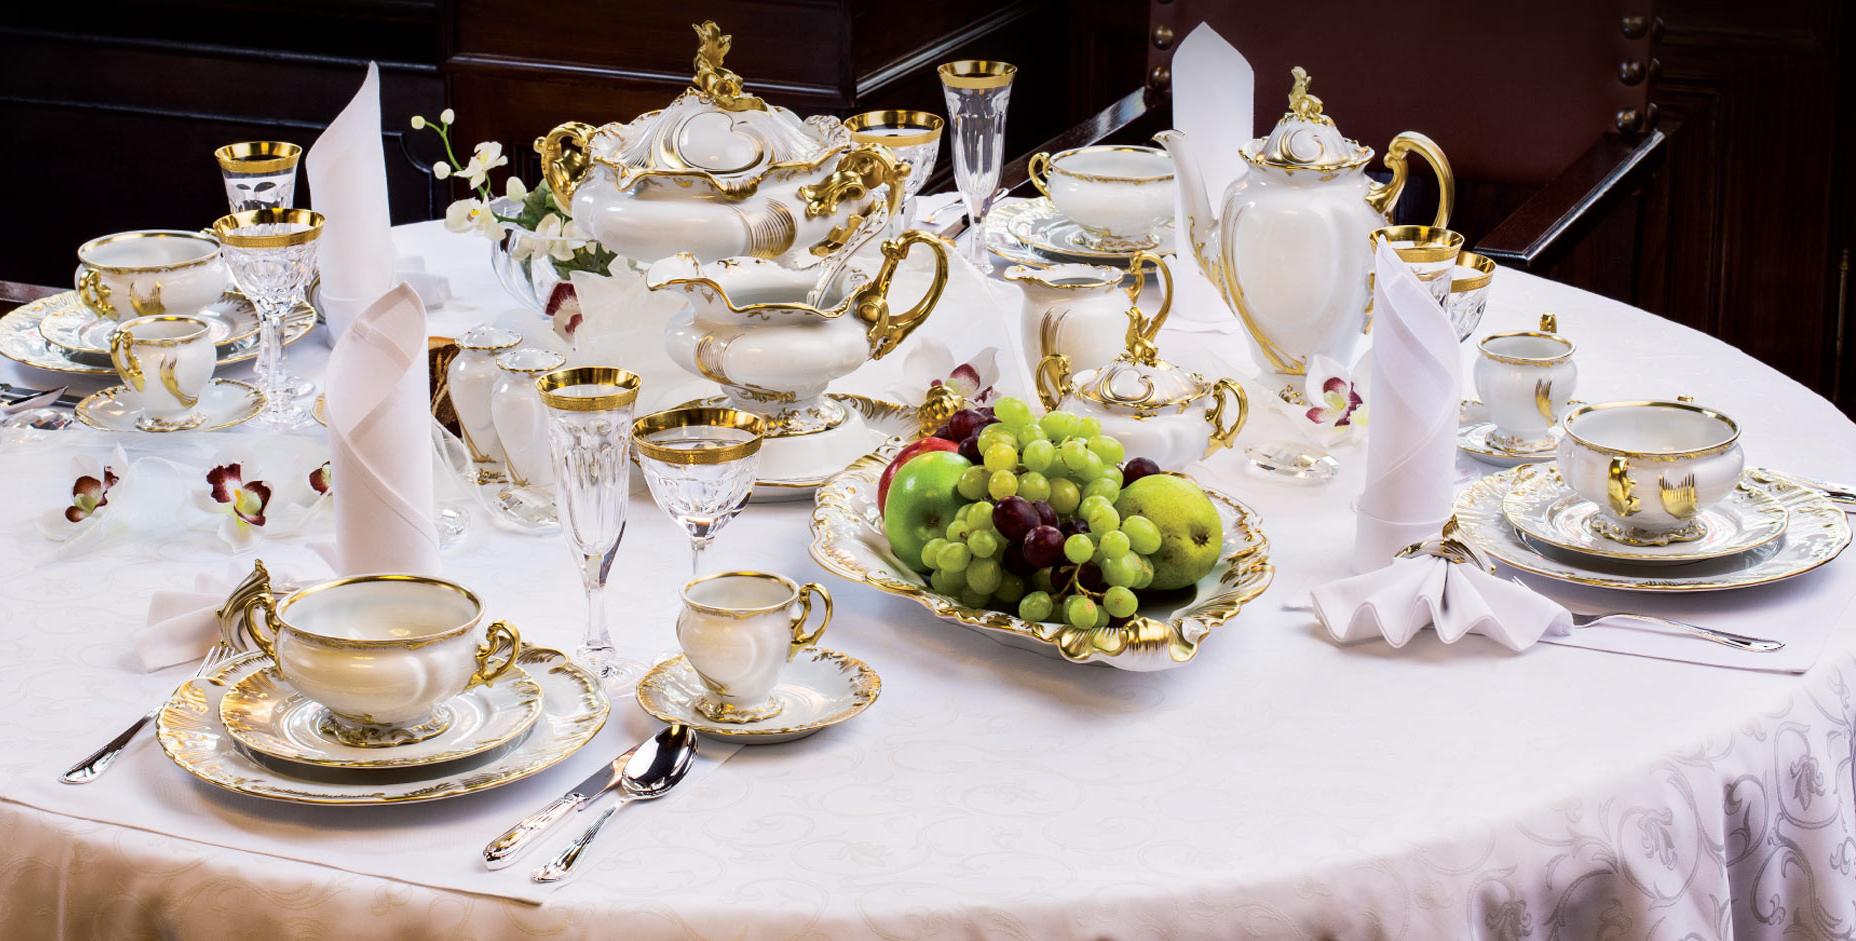 Фарфоровая посуда на столе